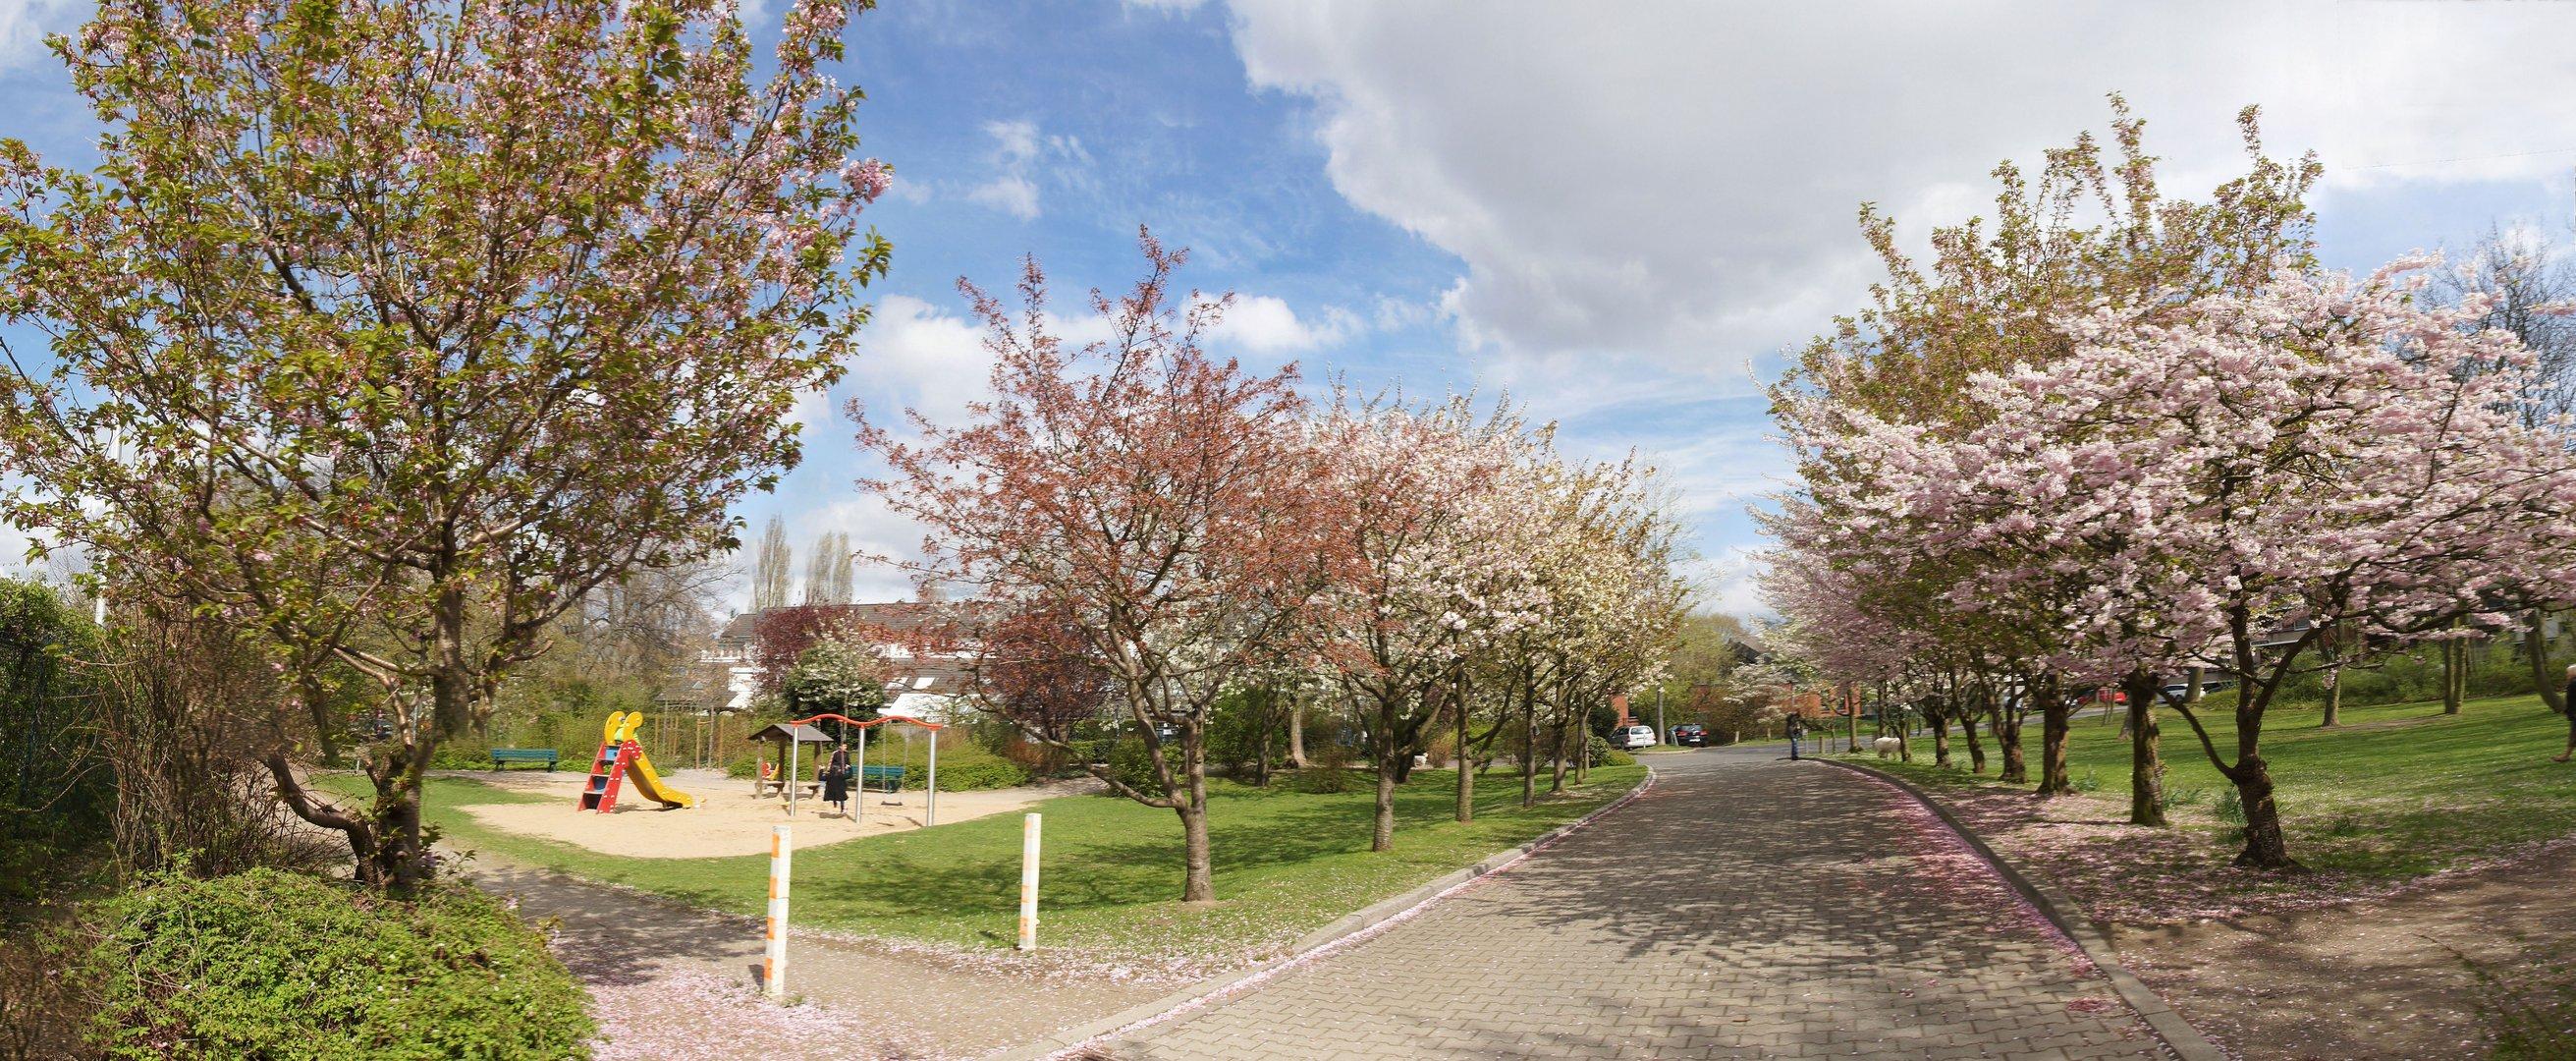 Blütenallee